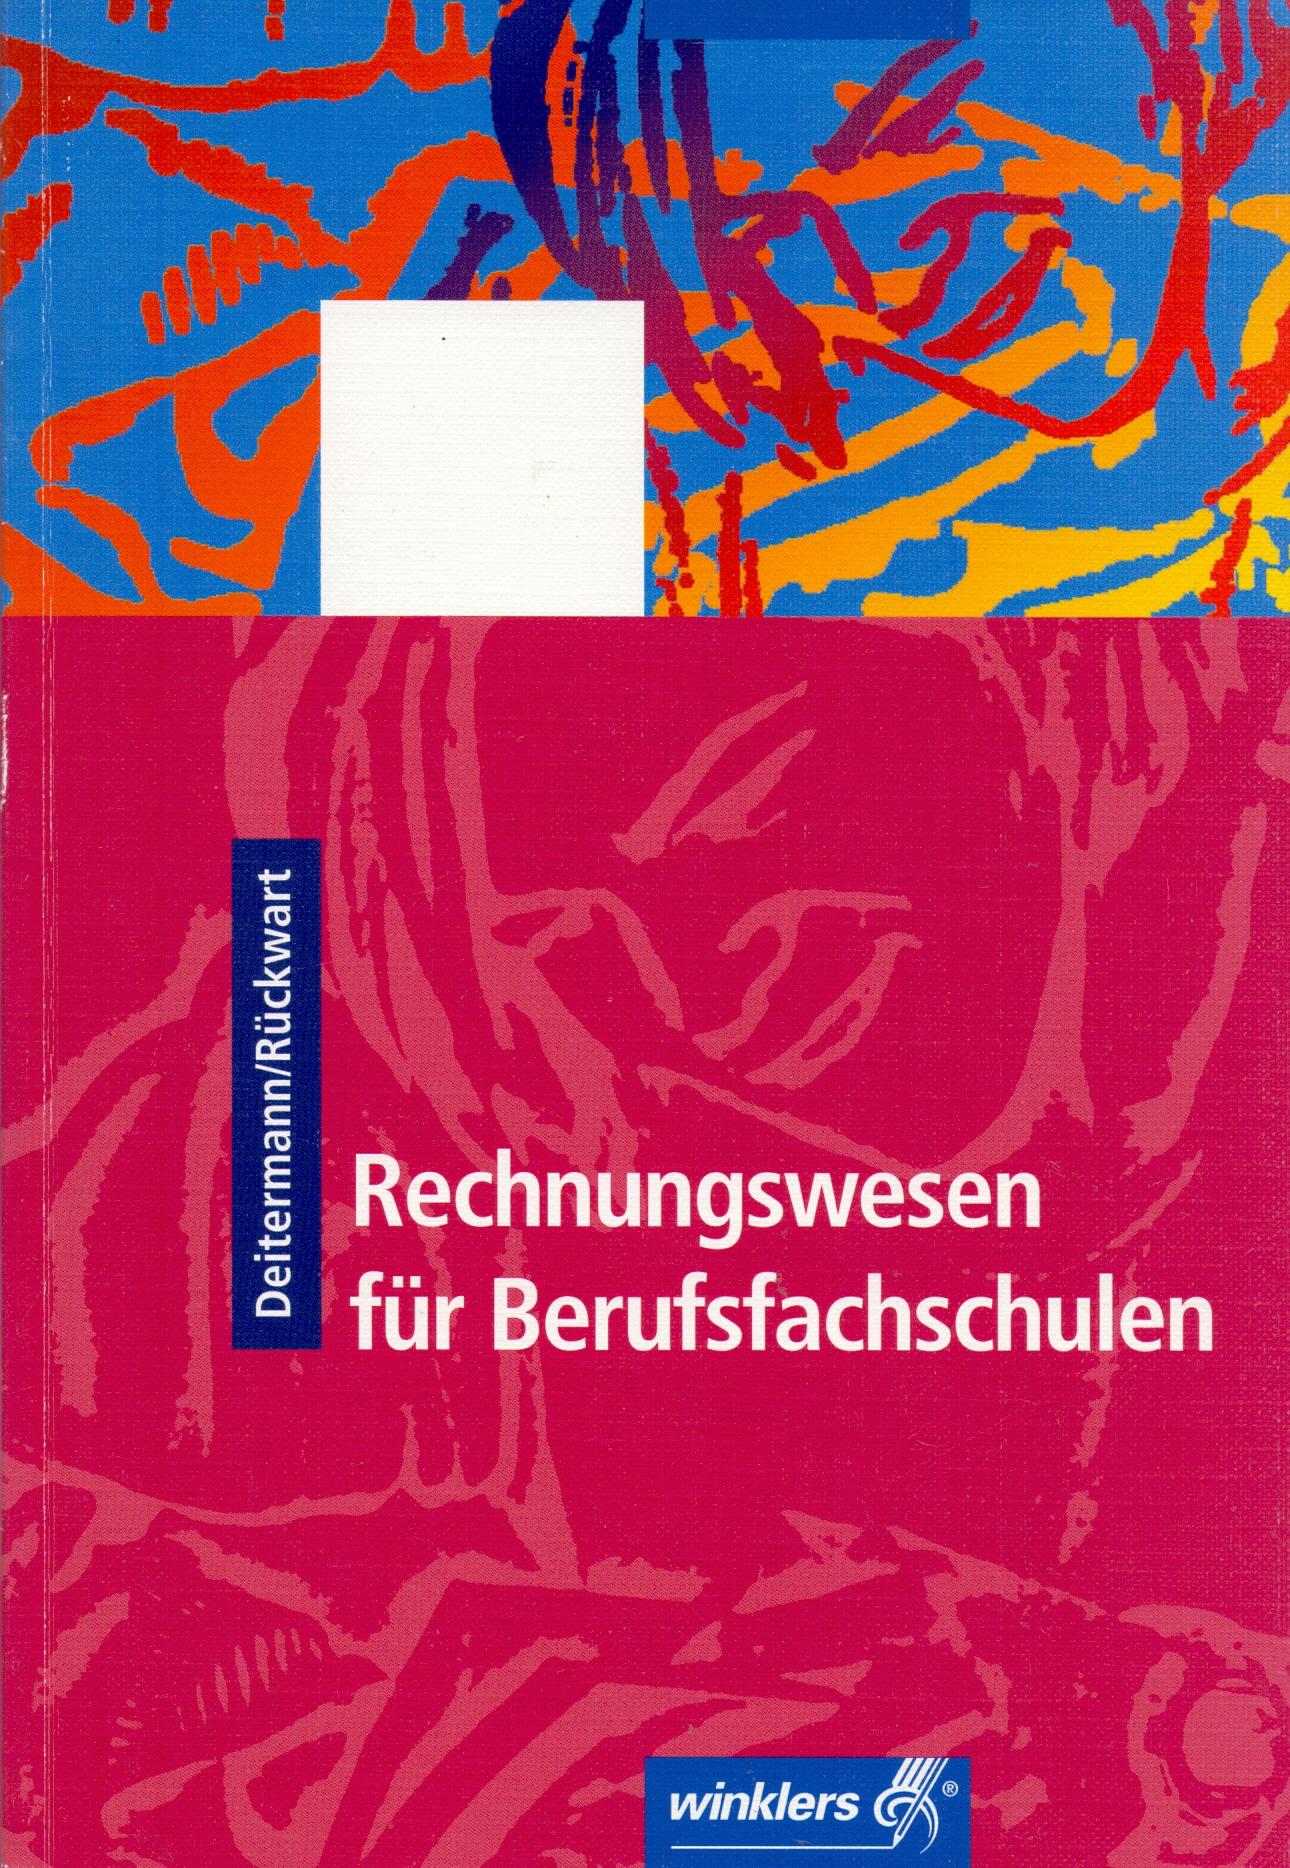 Rechnungswesen für Berufsfachschulen: Finanzbuchhaltung, Kosten- und Leistungsrechnung, Betriebswirtschaftliche Auswertu